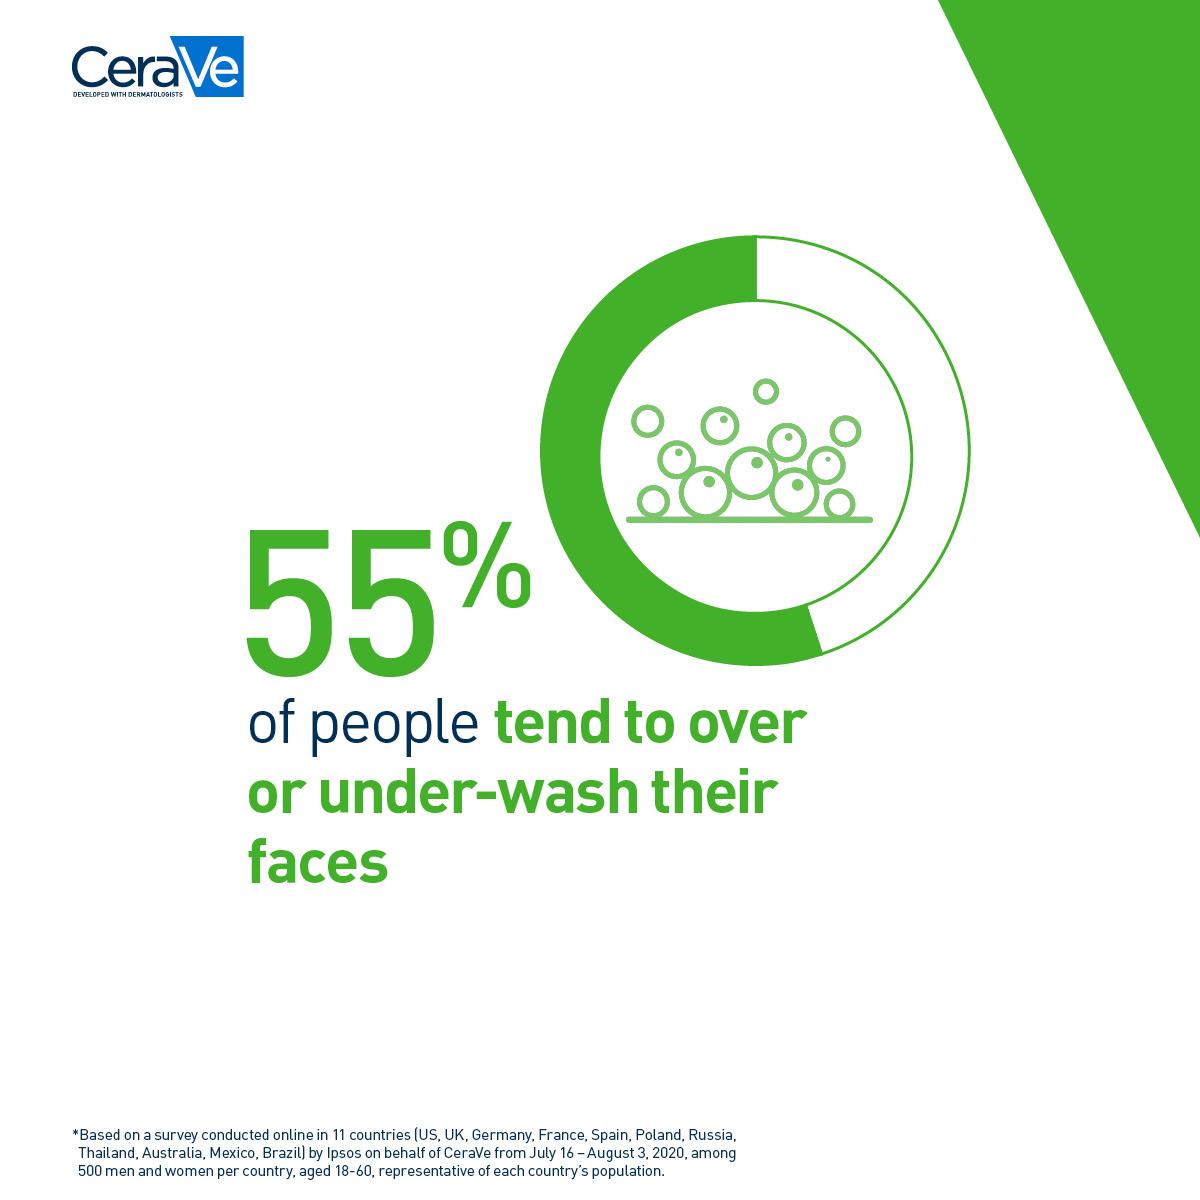 CeraVe20_Global_Cleanser_Survey9